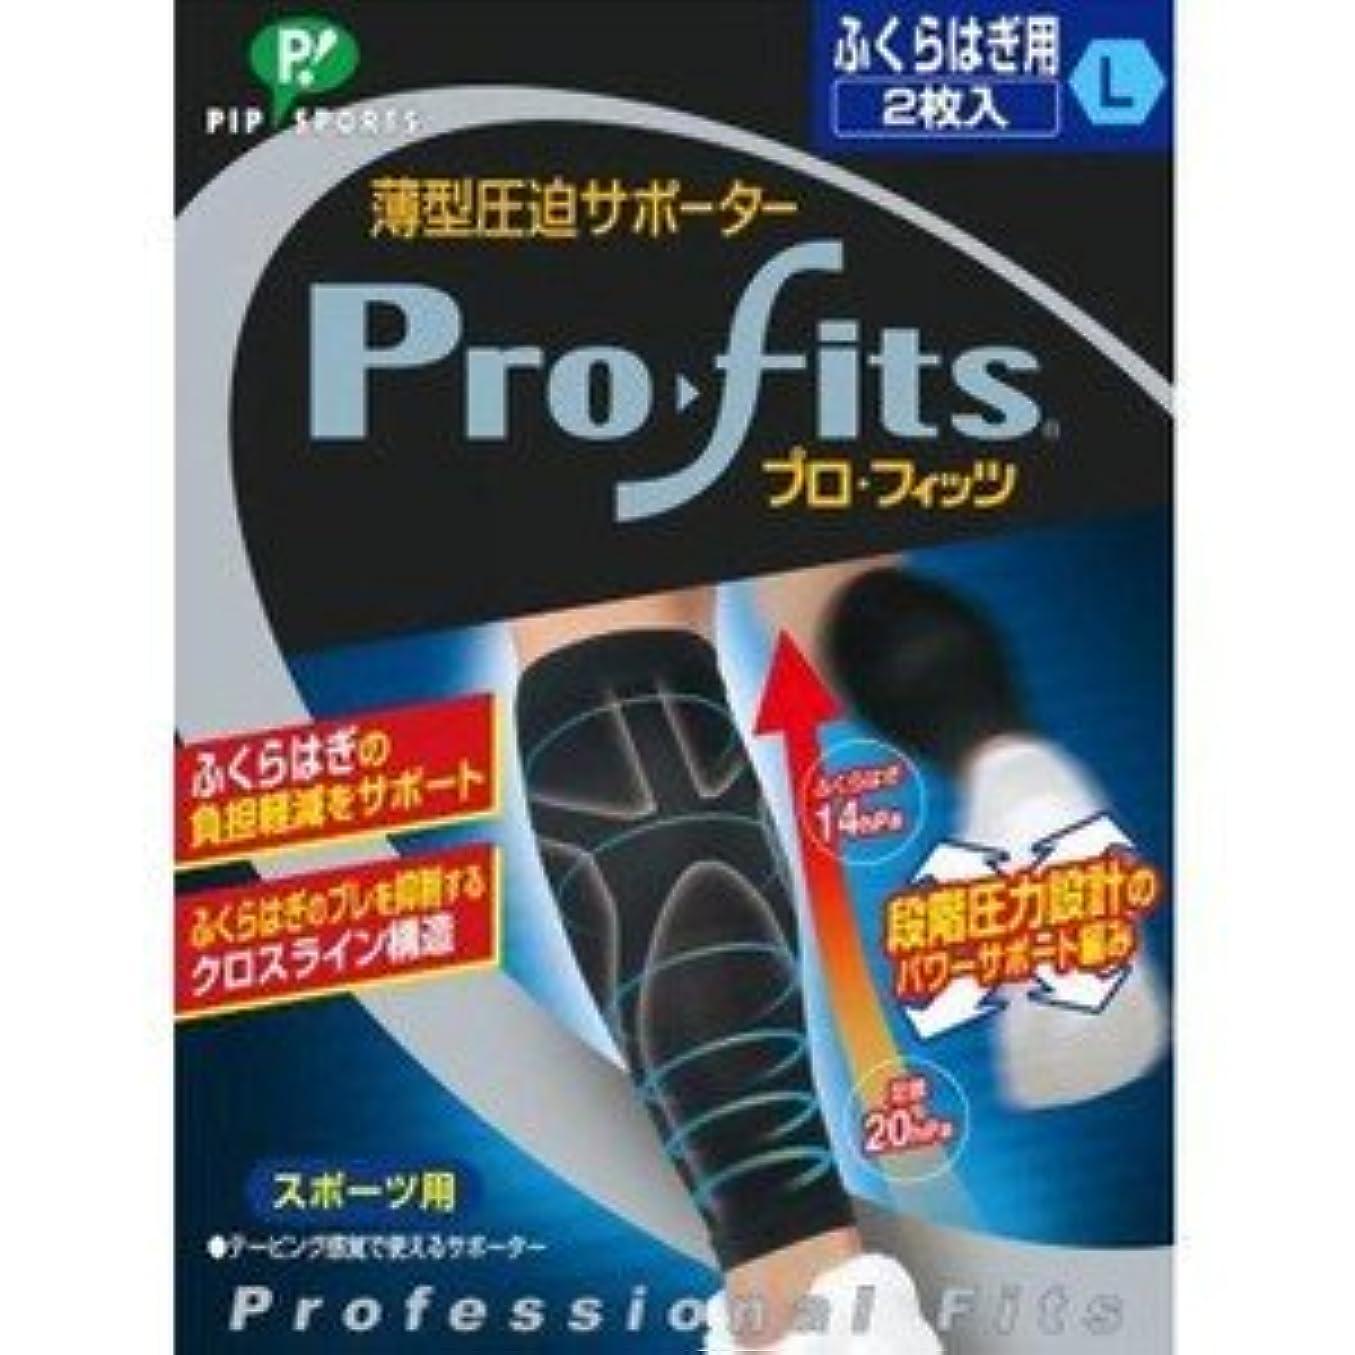 体操選手急降下概要【ピップ】プロフィッツ 薄型圧迫サポーター ふくらはぎ用 Lサイズ2枚入